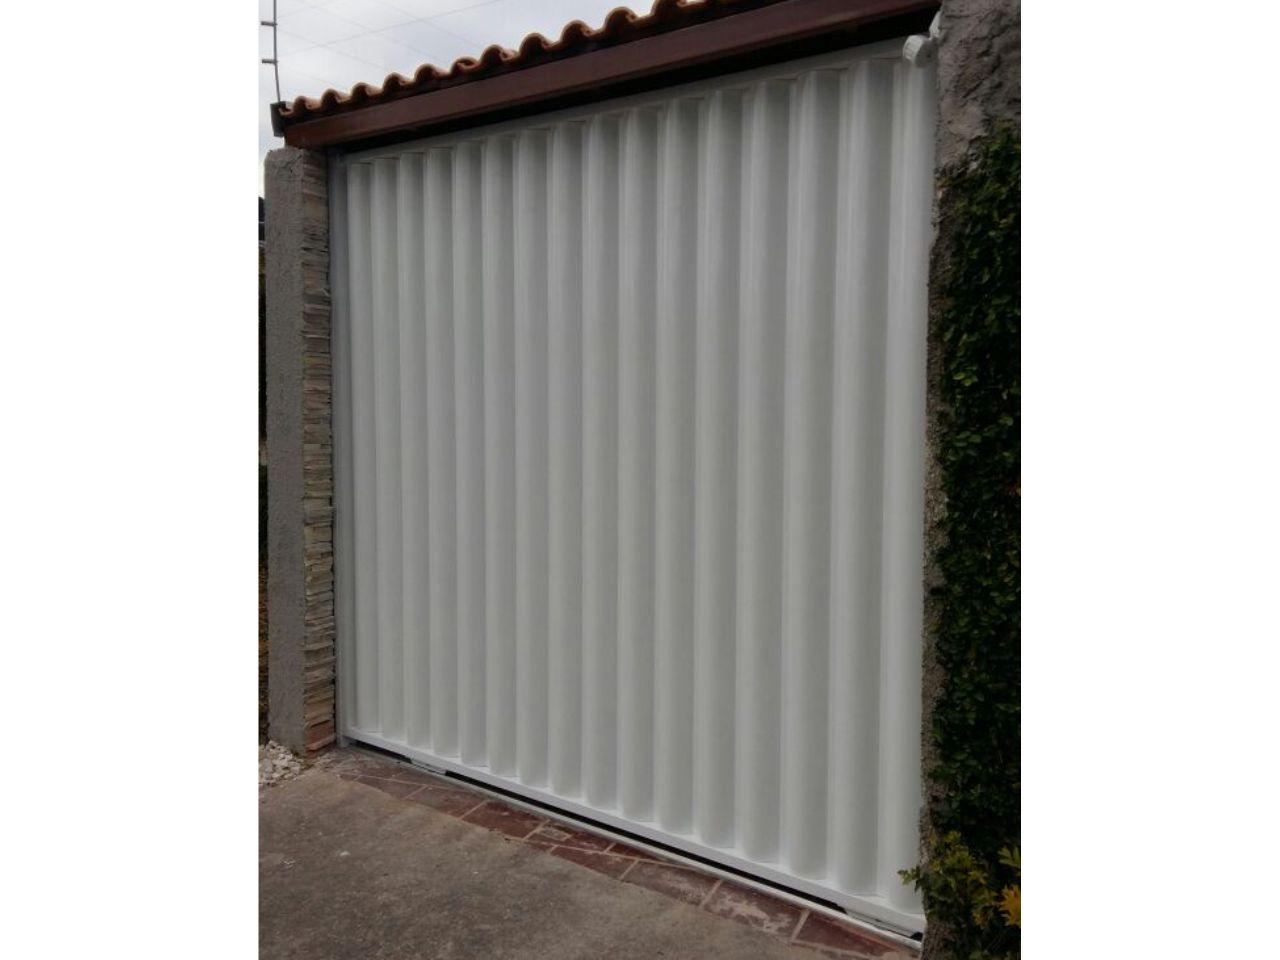 Esquadria de Alumínio - Rocha Esquadrias - Esquadrias de Aluminio e Vidros Temperados em Curitiba - Esquadrias de Alumínio em Curitiba